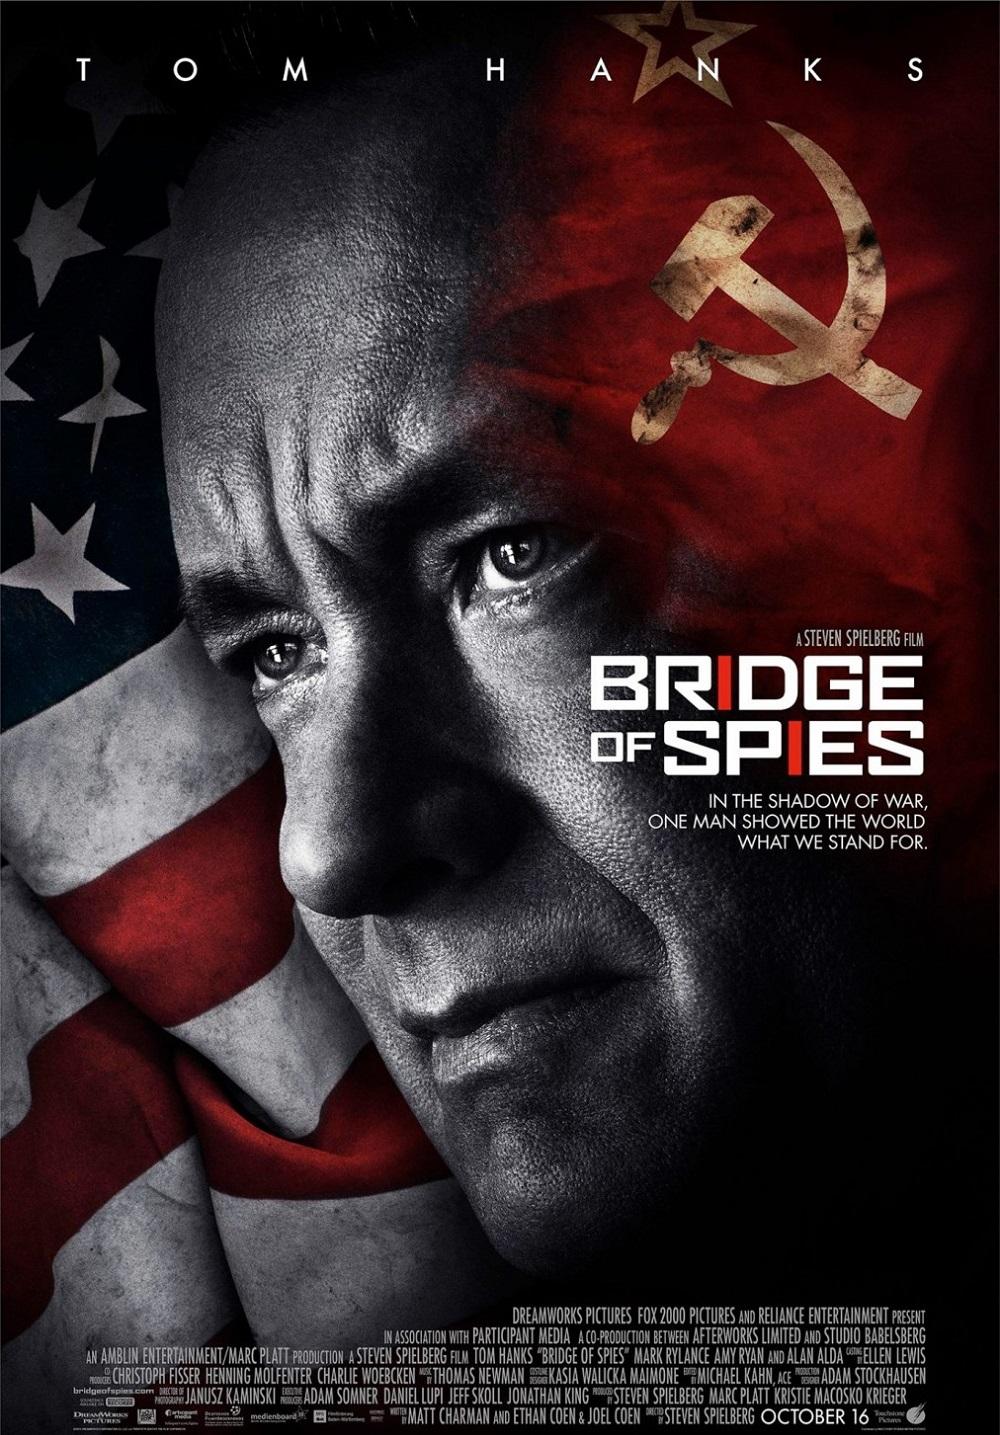 """7.""""Мостът на шпионите"""" (престижен филм) – Историческата драма по истински случай от периода на Студената война излезе през 2015 година и представлява може би най-добрият съвместен проект на Том Ханкс и Спилбърг. Съспенсът е изграден безупречно, а Марк Райлънс блести в ролята на Рудолф Абел, за която бе награден и с """"Оскар""""."""